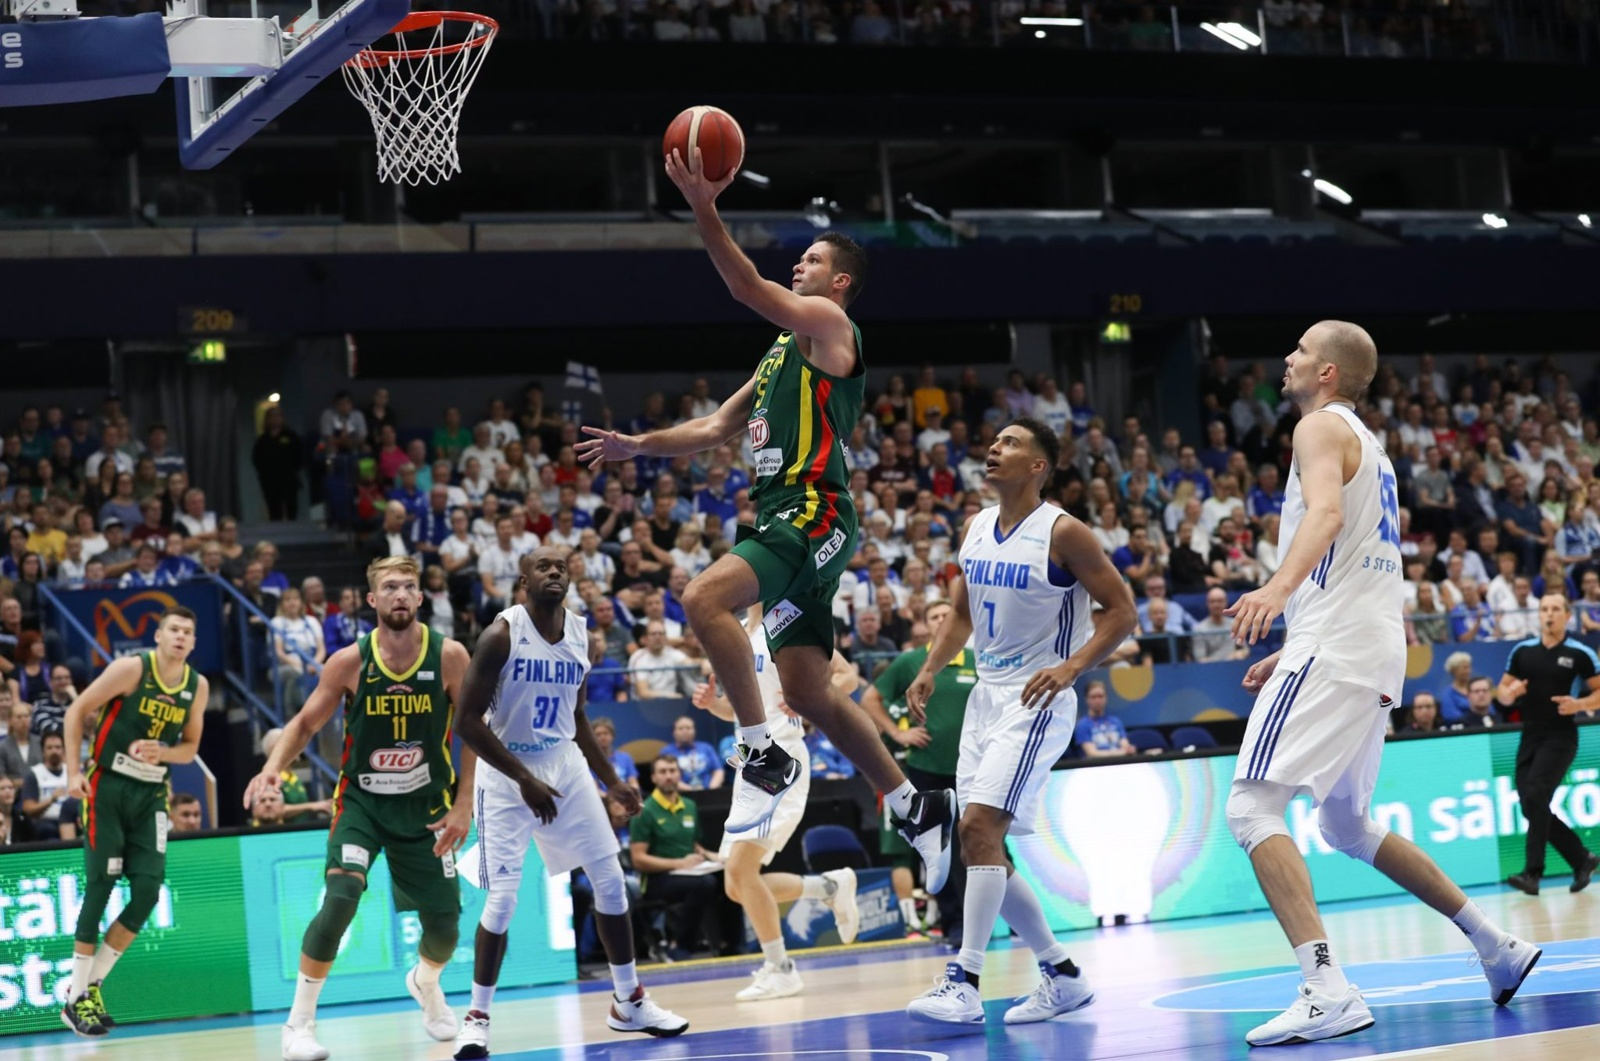 Lietuvos krepšinio rinktinė antrą kartą sutriuškino Suomiją